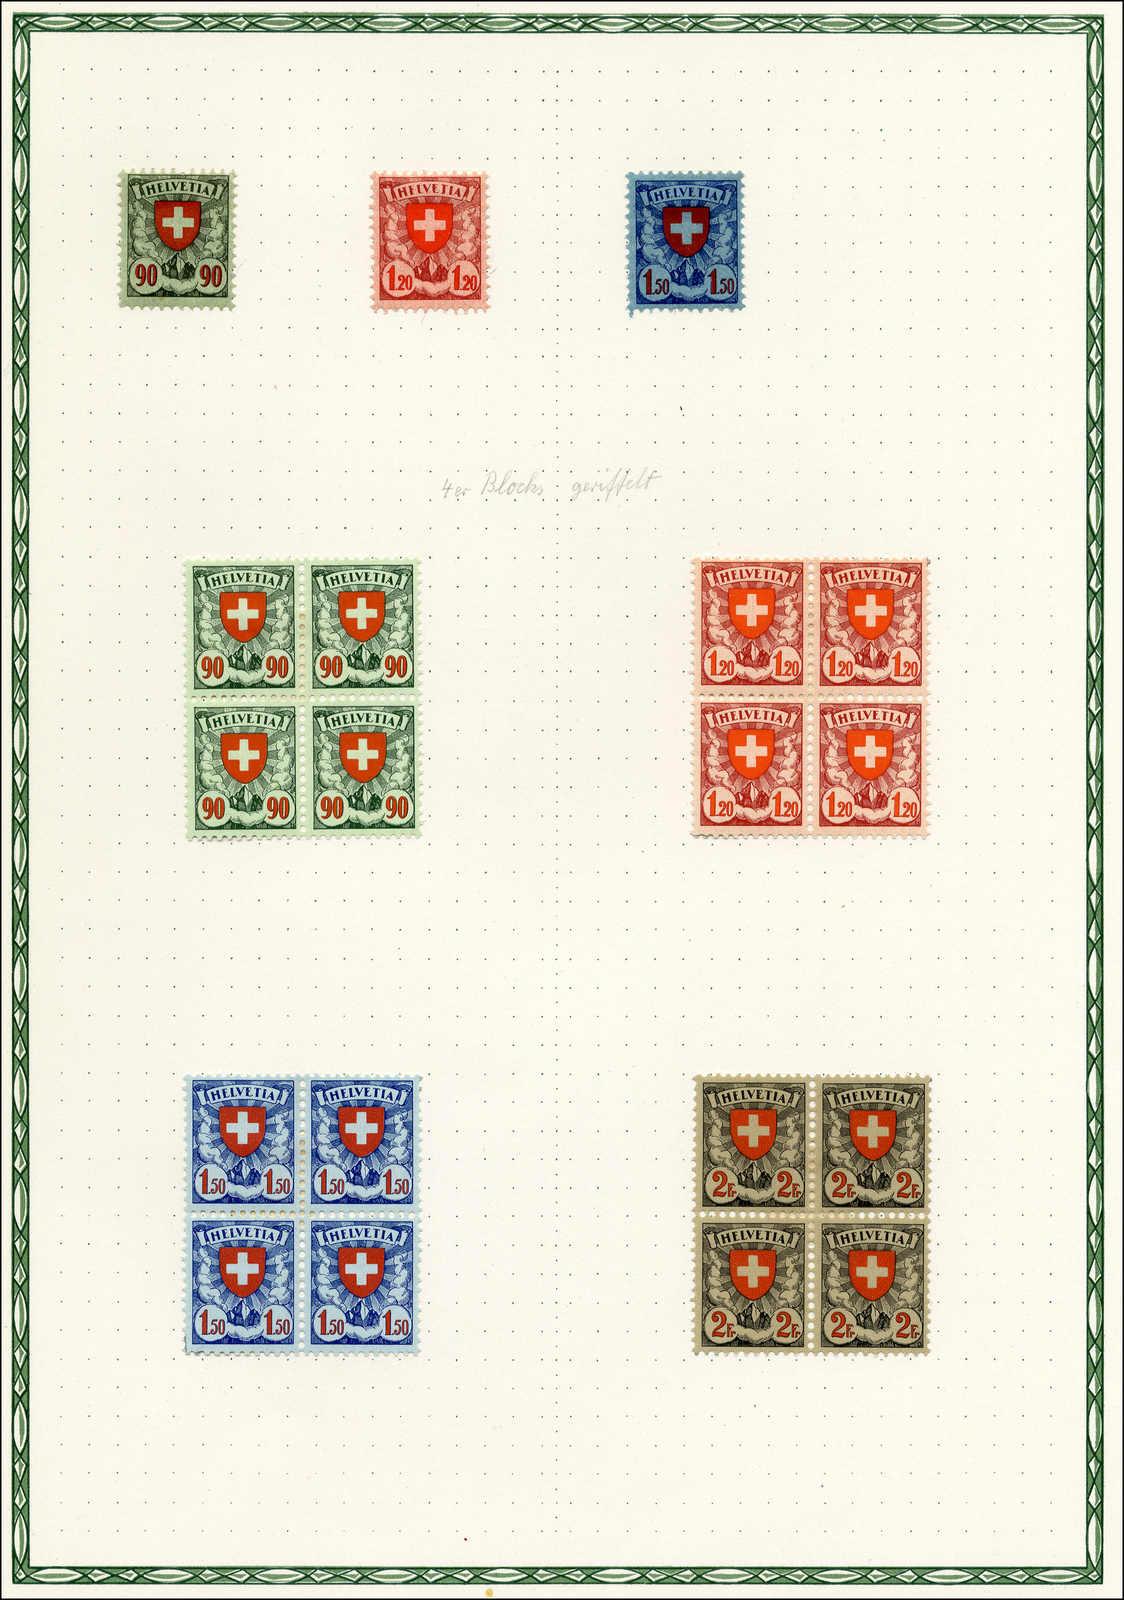 Lot 148 - schweiz Schweiz Freimarken nach 1907 -  Rolli Auctions Auction #68 Day 1